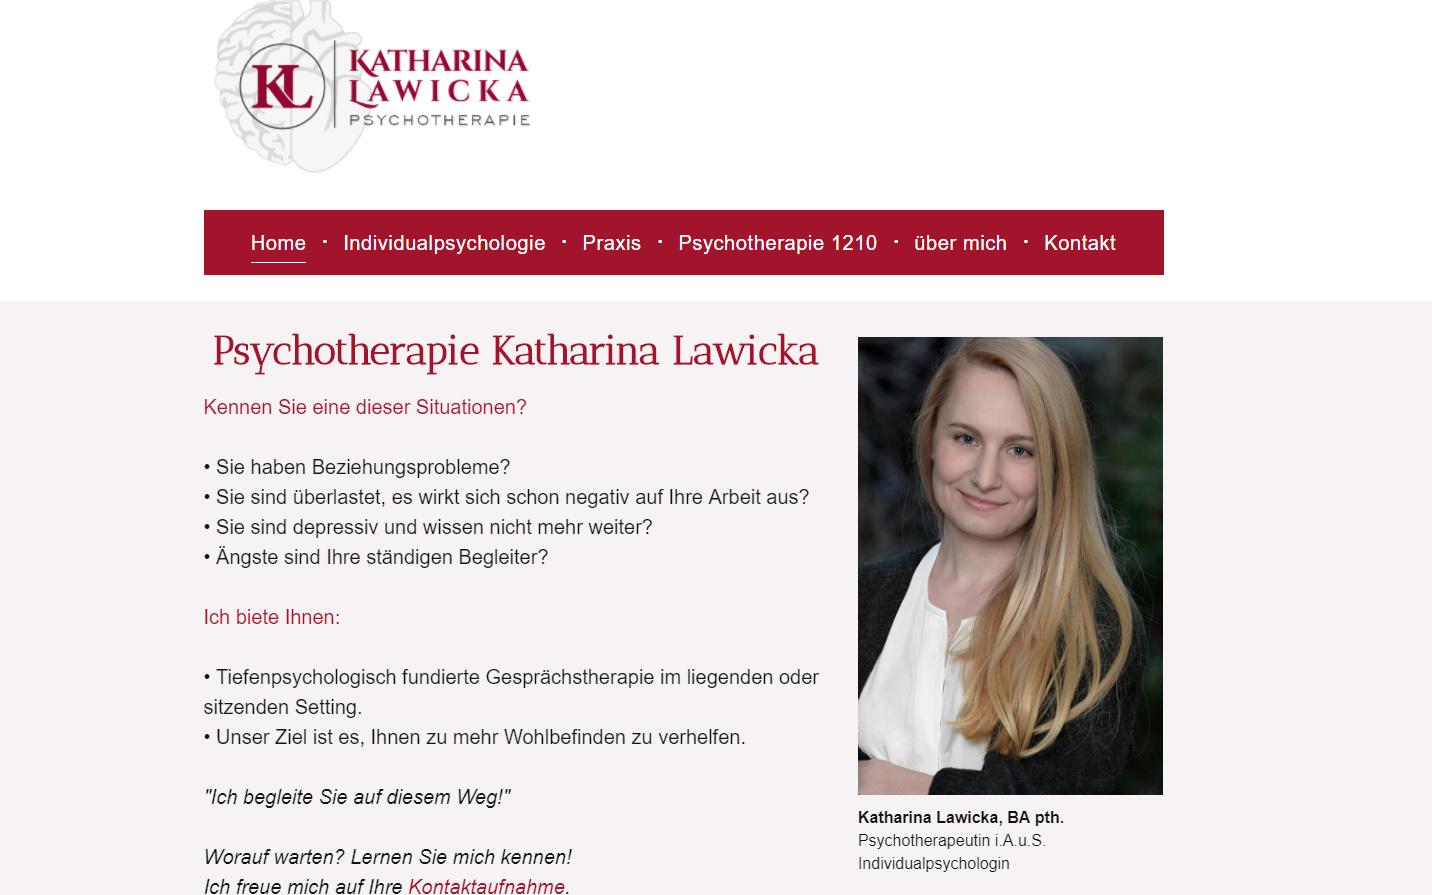 Steinakirchen am forst casual dating - Bludenz reiche frau